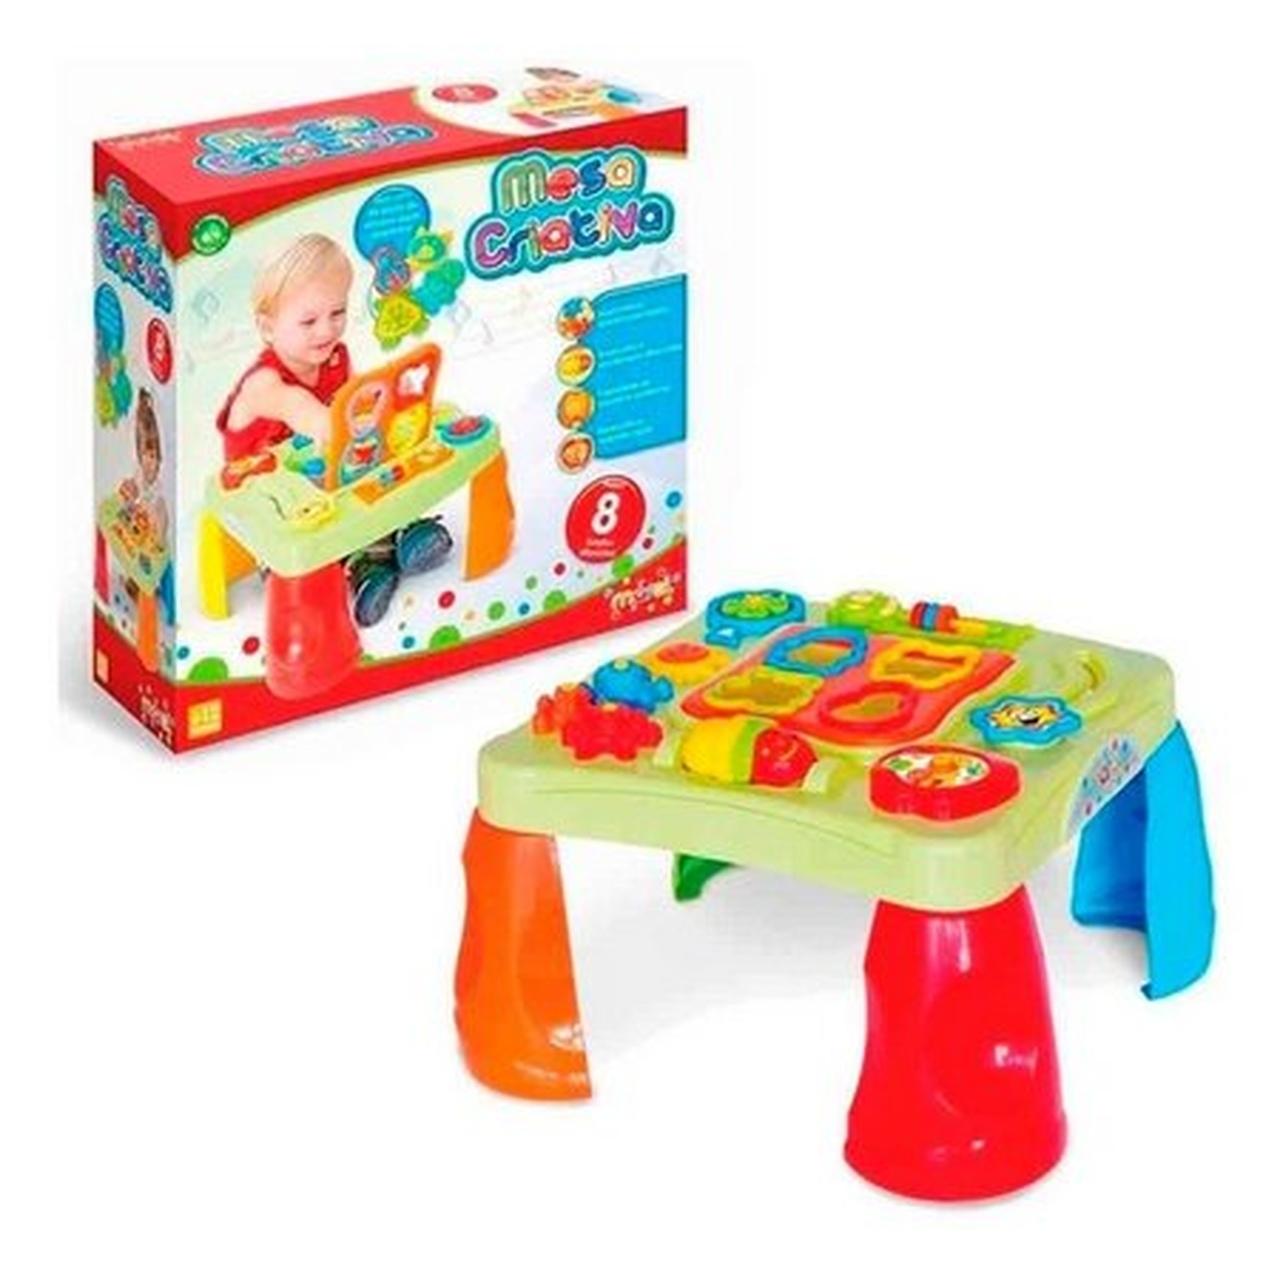 Mesinha de Atividades Infantil - Mesa Criativa Maral - Ref.: 4002